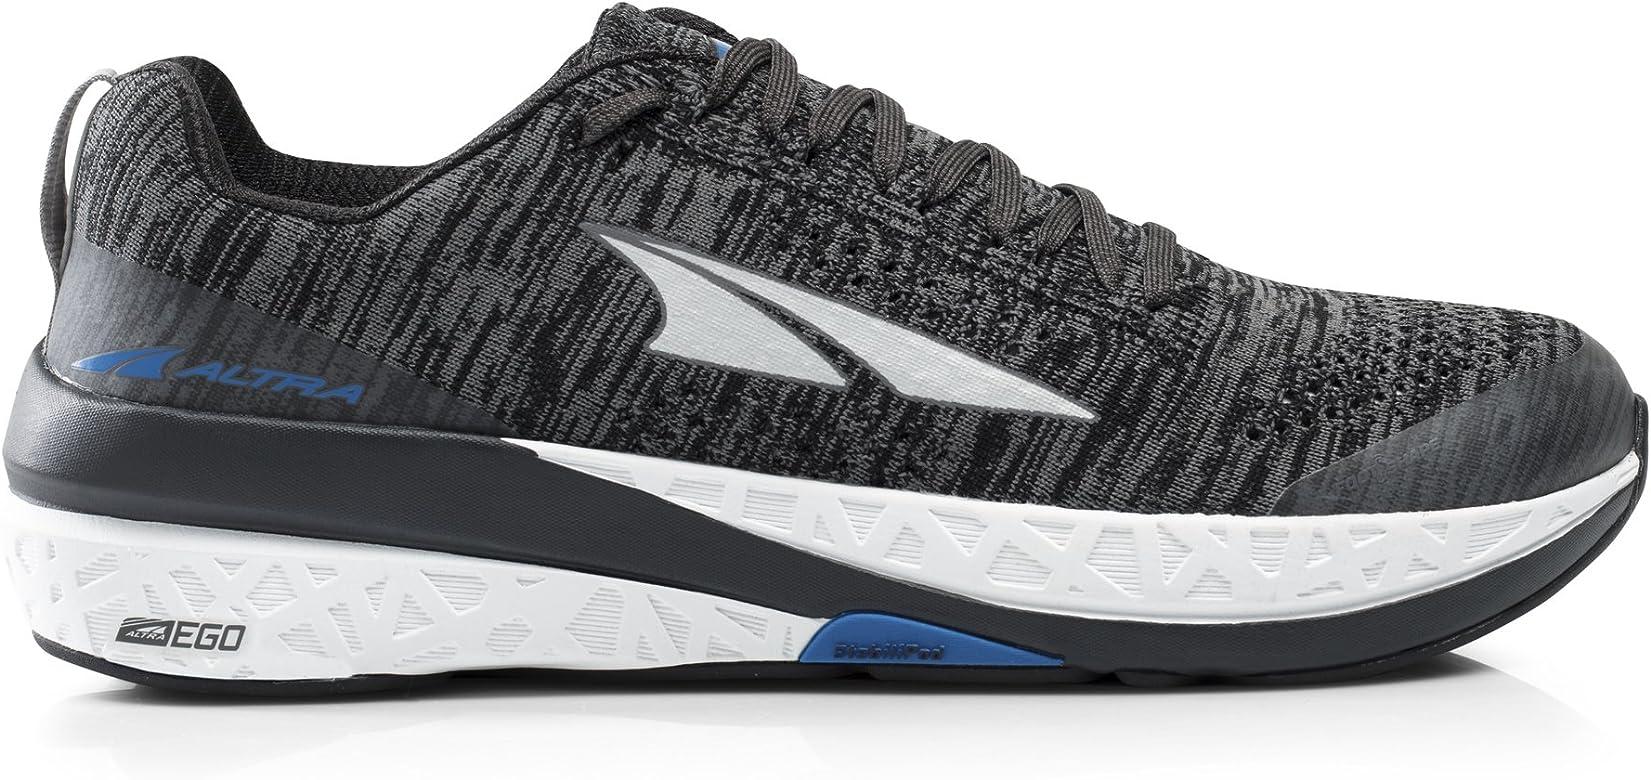 Altra Men's Paradigm 4.0 Running Shoe